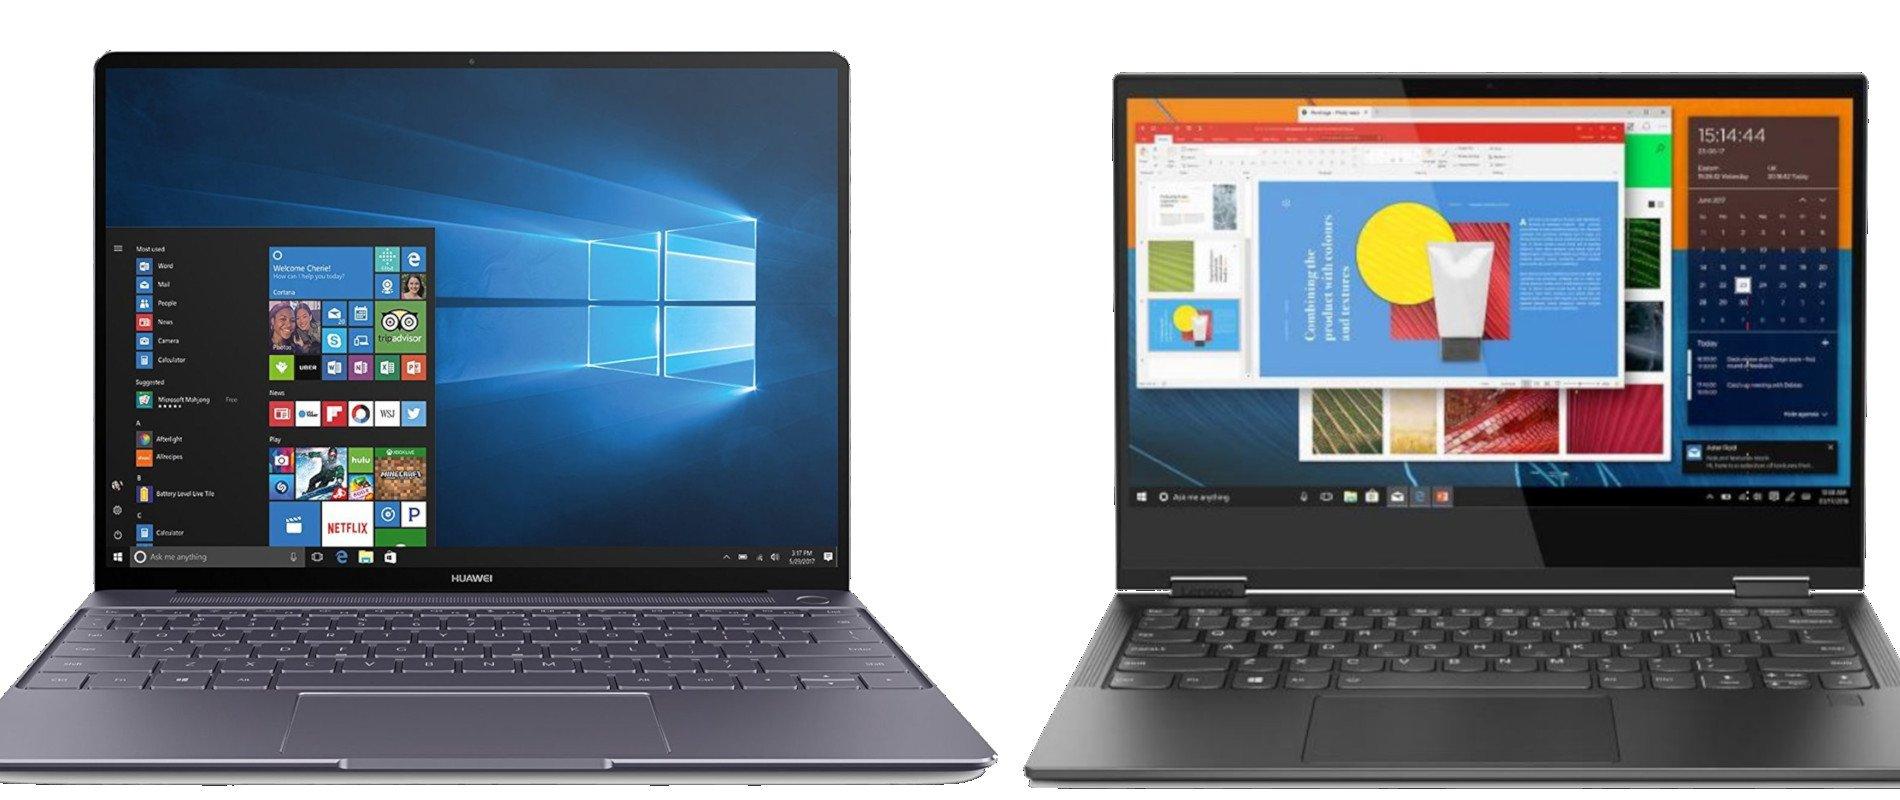 Vergleich Laptops